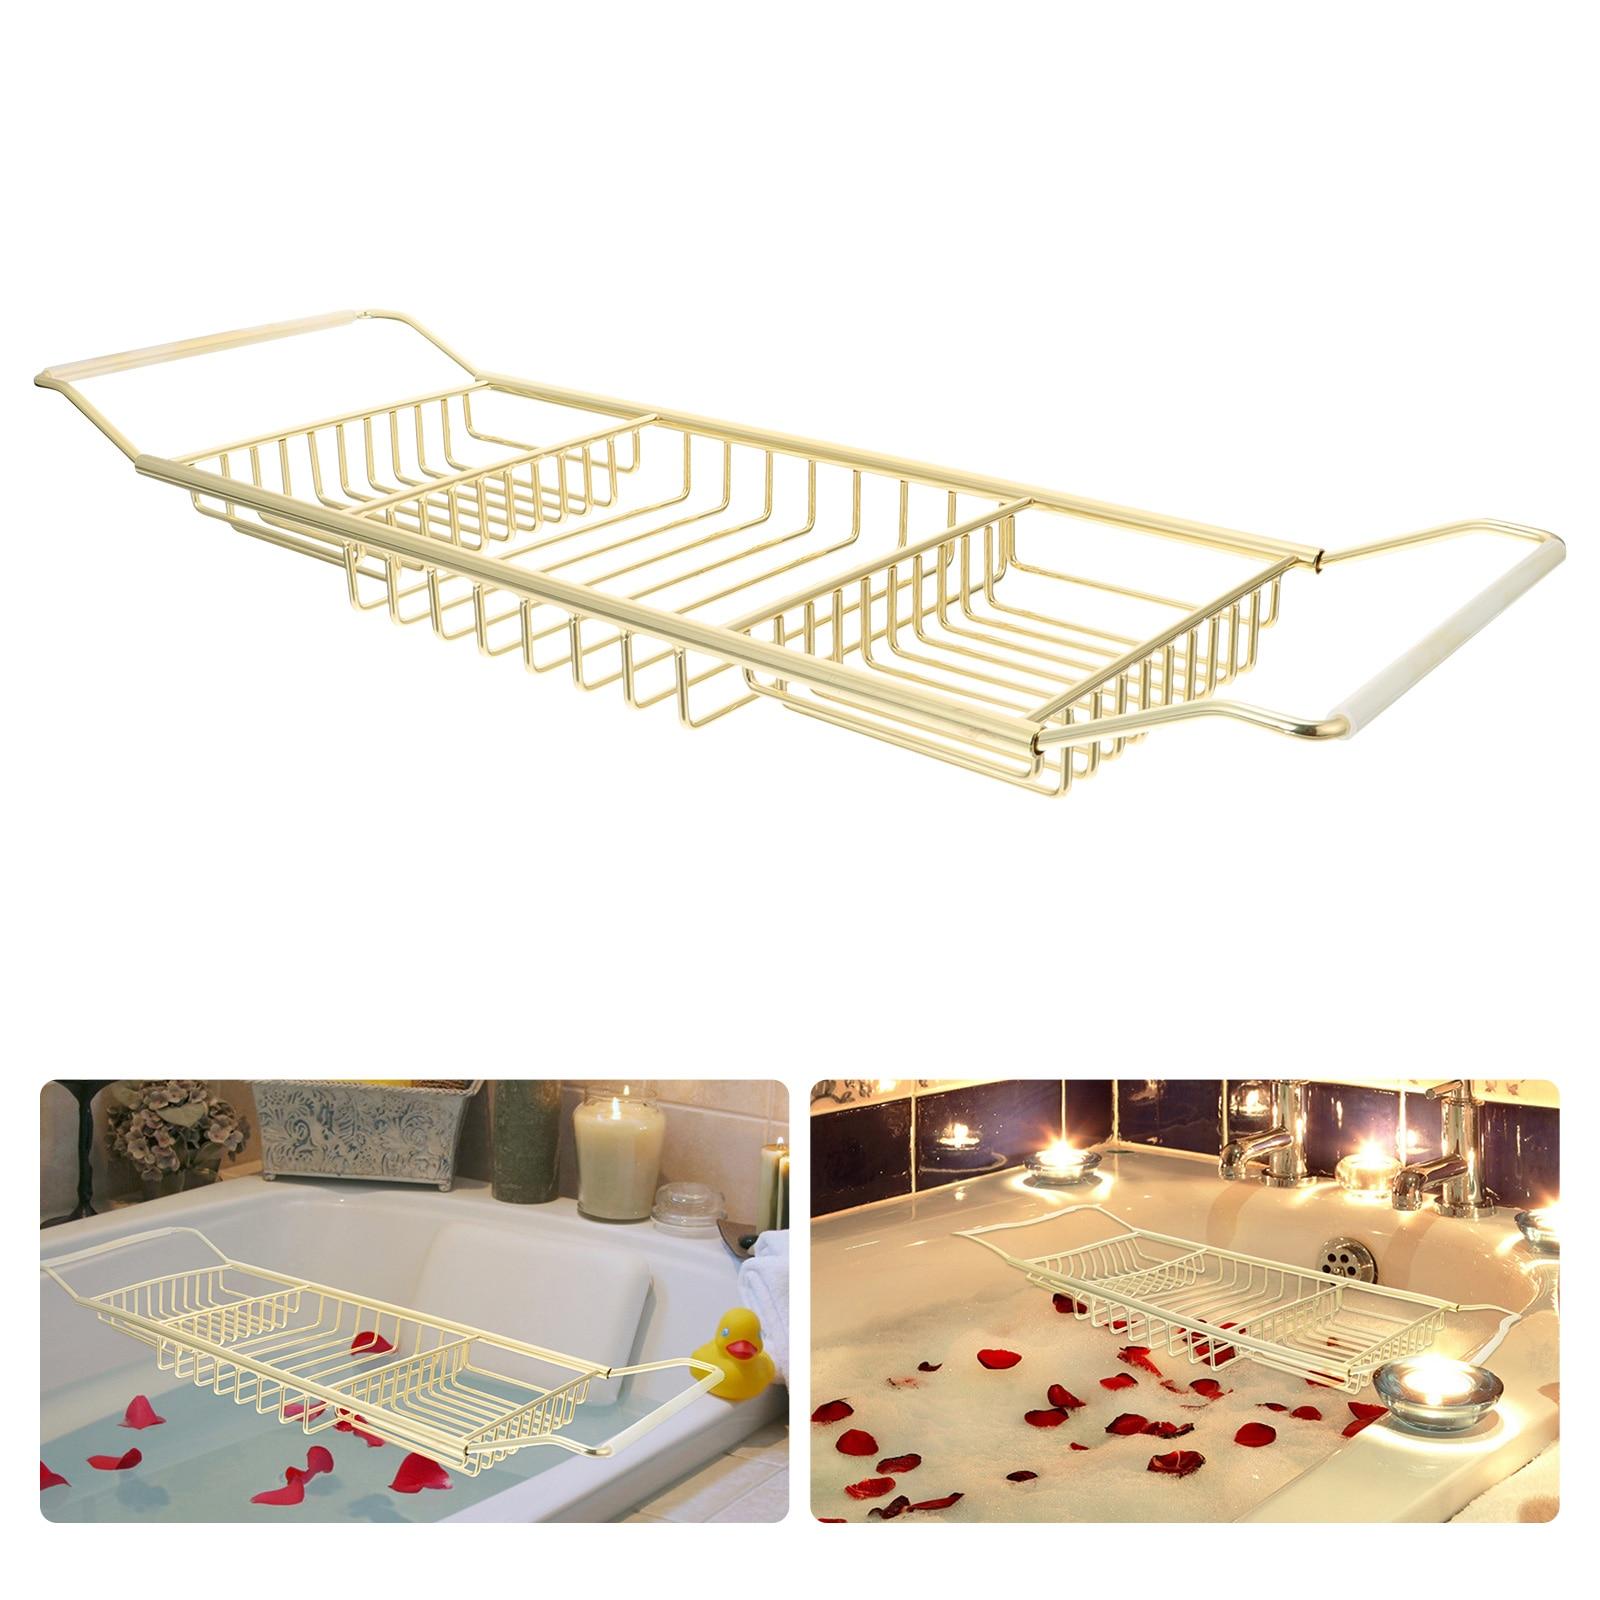 رف حمام قابل للتمديد تنوعا حوض الاستحمام طقم حمام من الفولاذ المقاوم للصدأ حوض الجرف